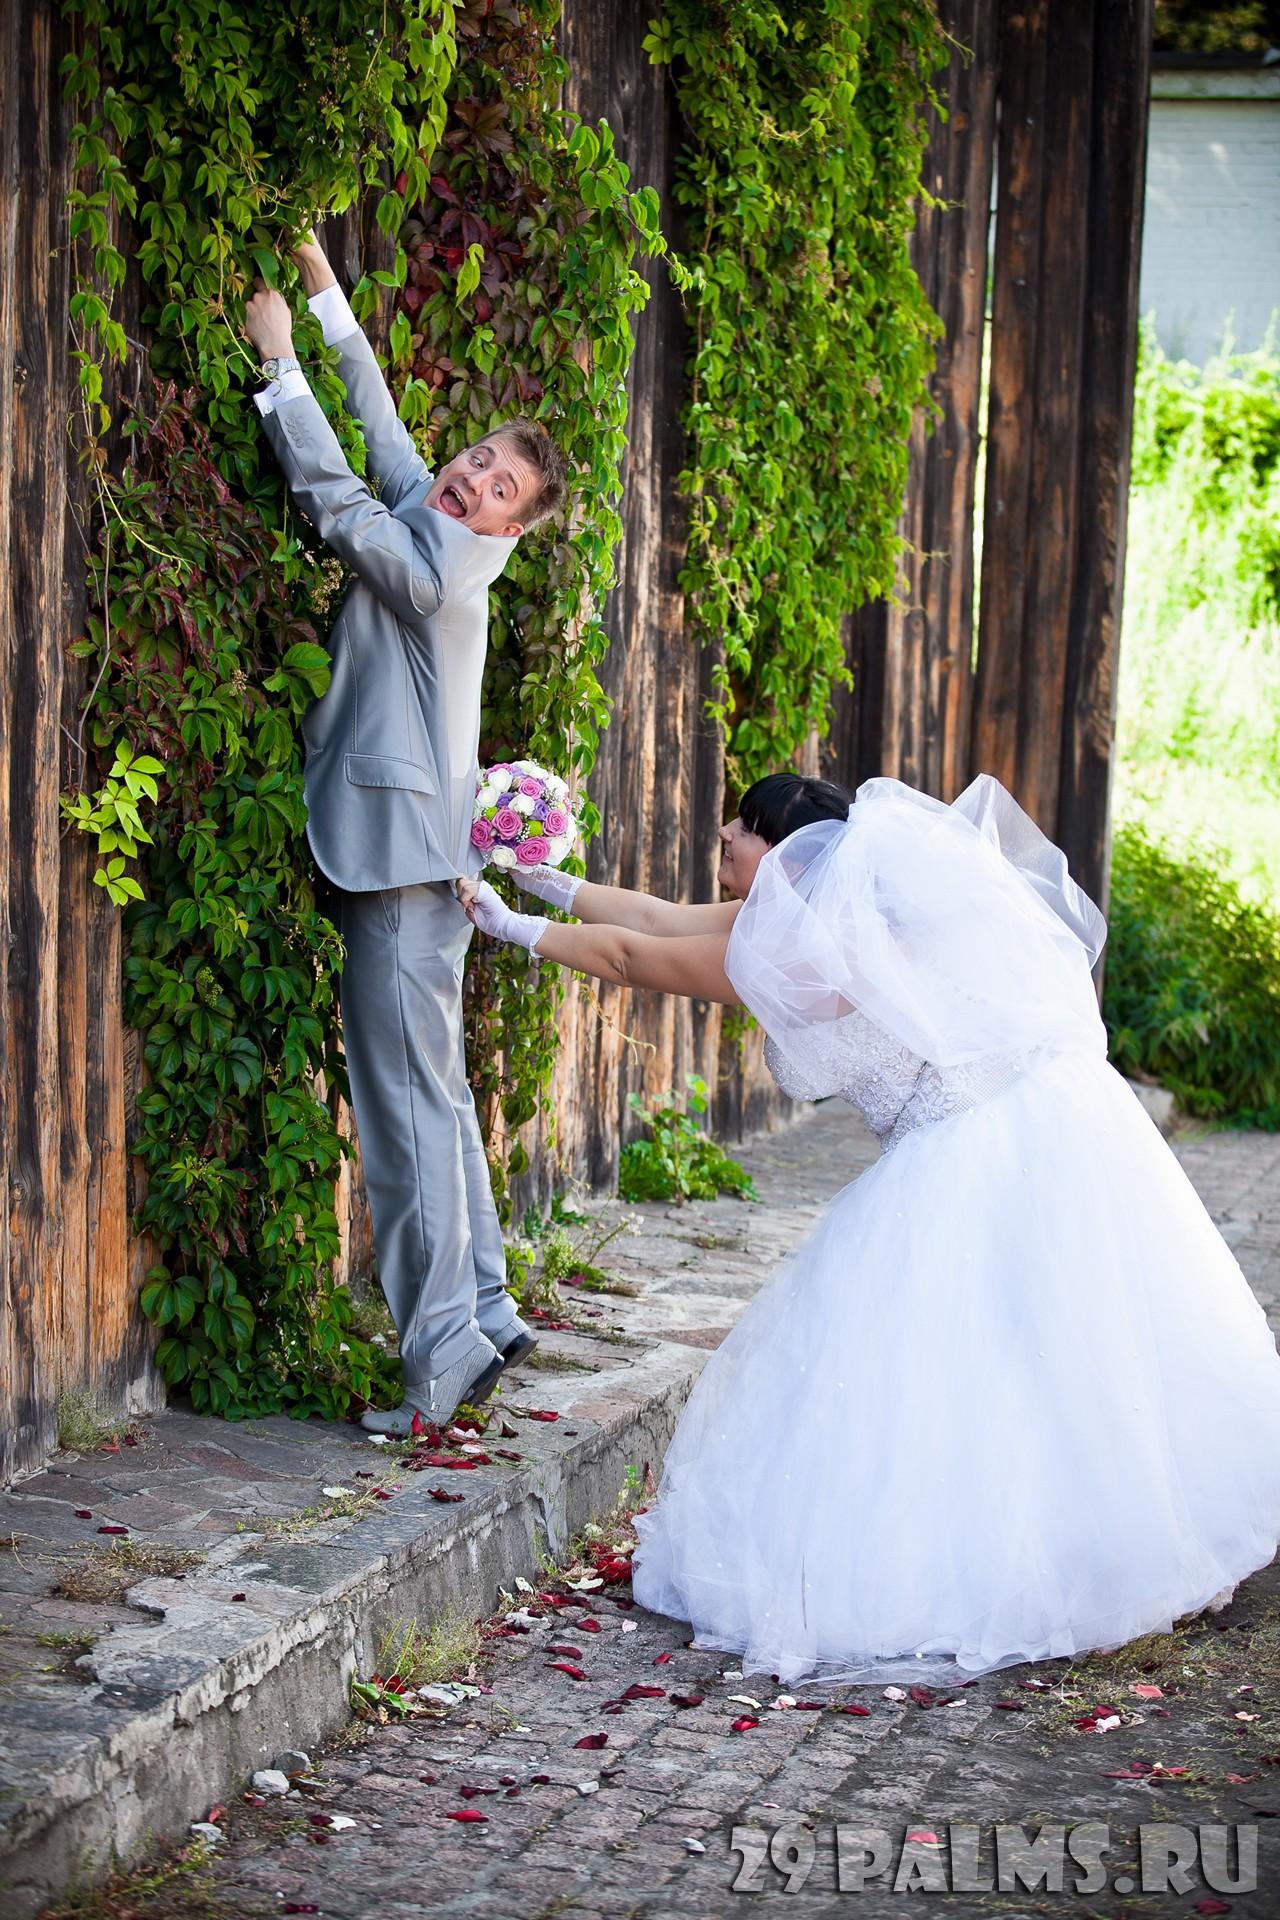 Если вам приснился побег со свадьбы – этот сон неблагоприятен.